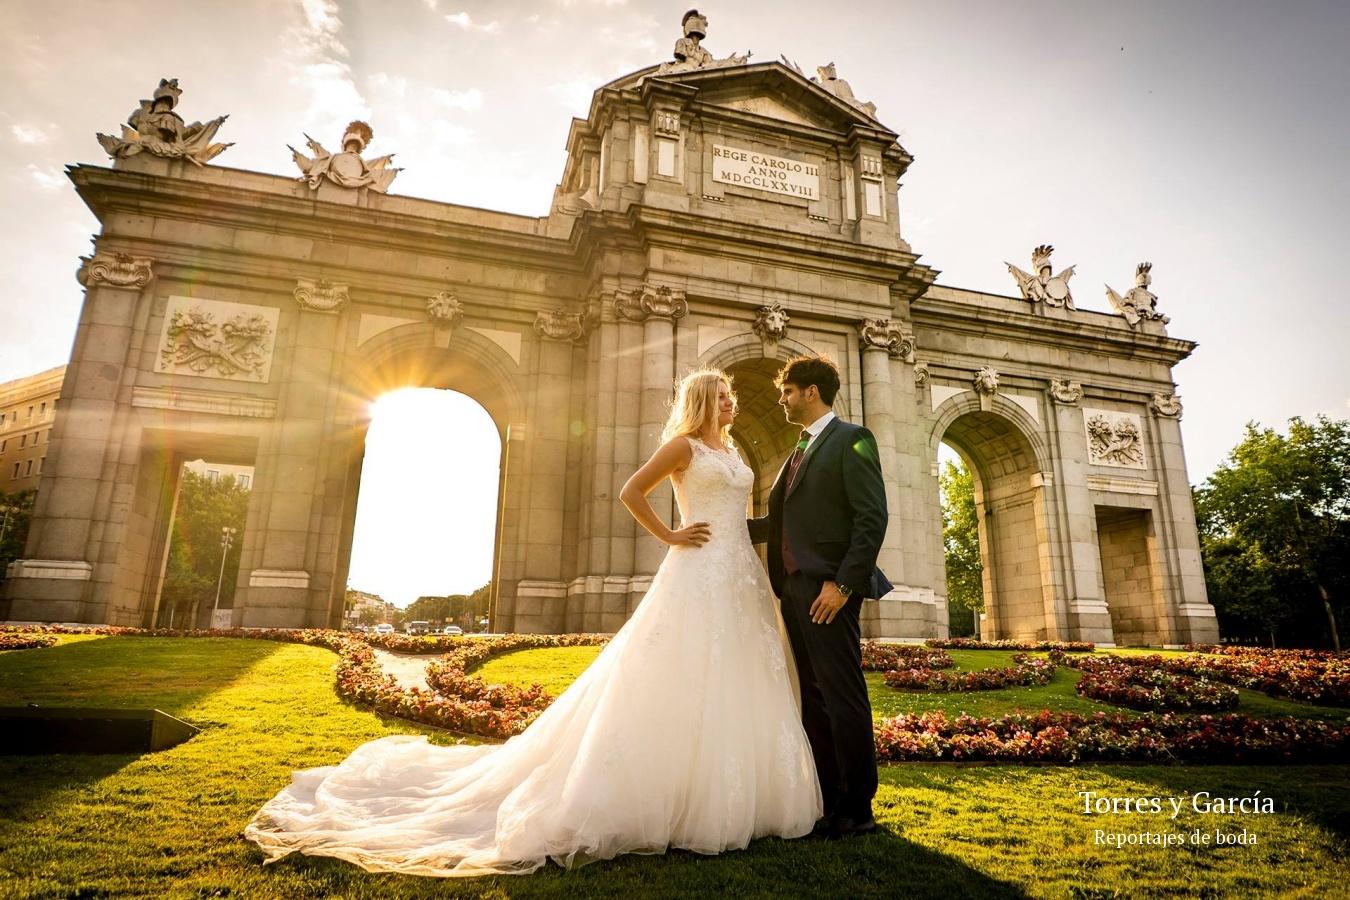 reportajes de boda en Madrid - Fotografías - Libros y reportajes de boda diferentes.